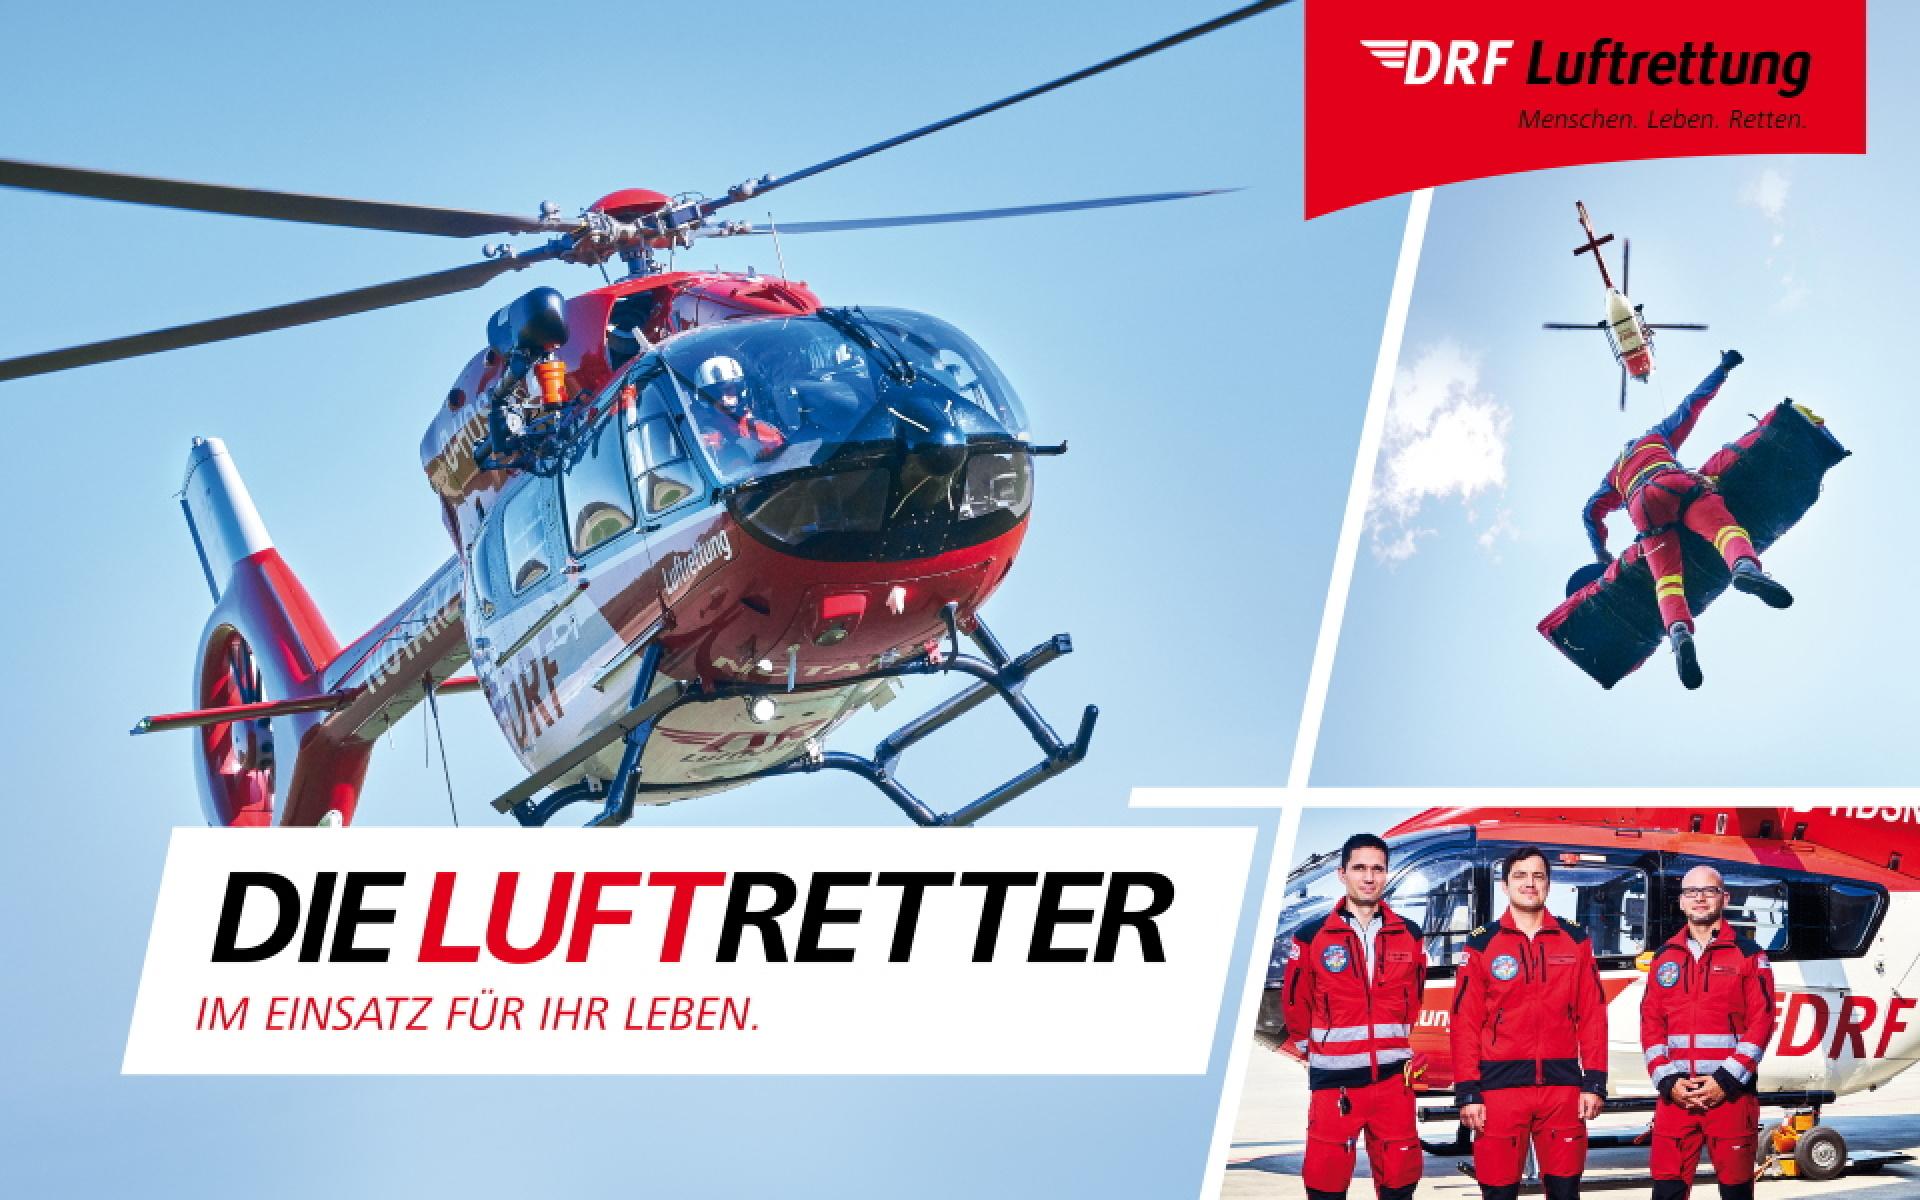 In Bautzen standen stellvertretend für das gesamte Team Notarzt Dr. Heinz Brehme (links), HEMS-TC Martin Bosch (rechts) und Pilot Sebastian Schröder vor der Kamera.